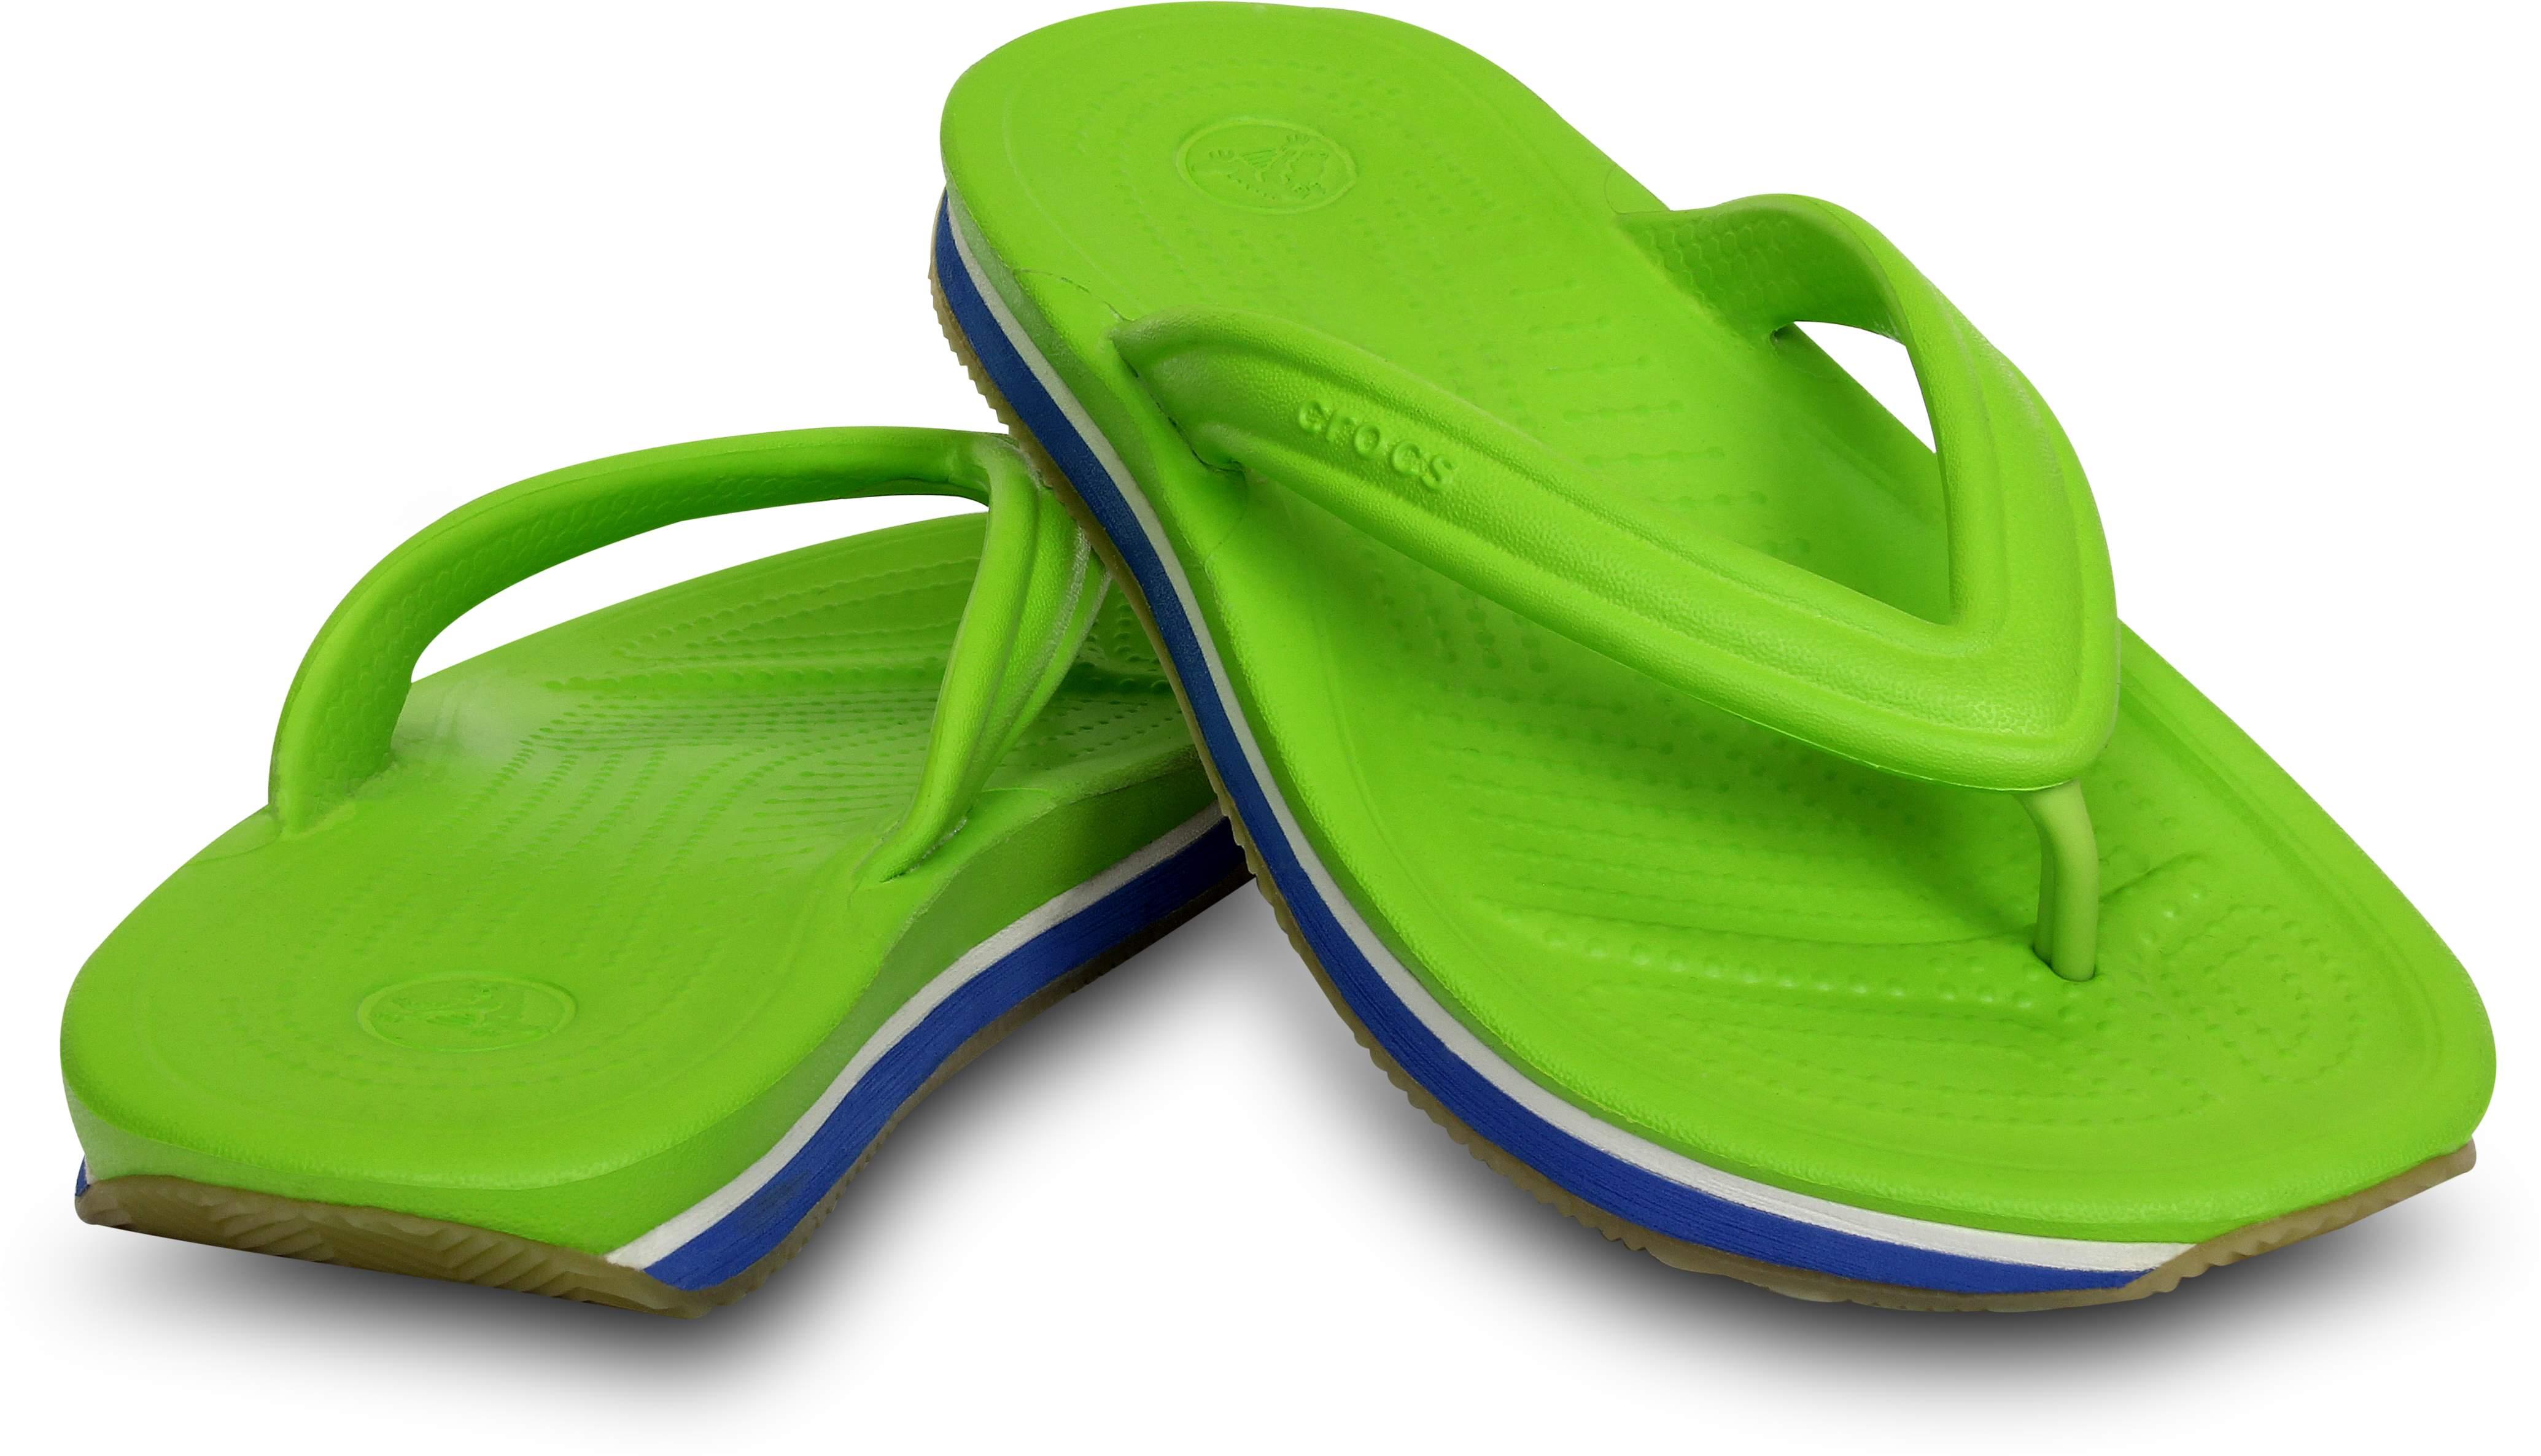 <クロックス公式> クロックス レトロ フリップフロップ キッズ - Crocs Retro Flip-Flop Kids (送料無料)